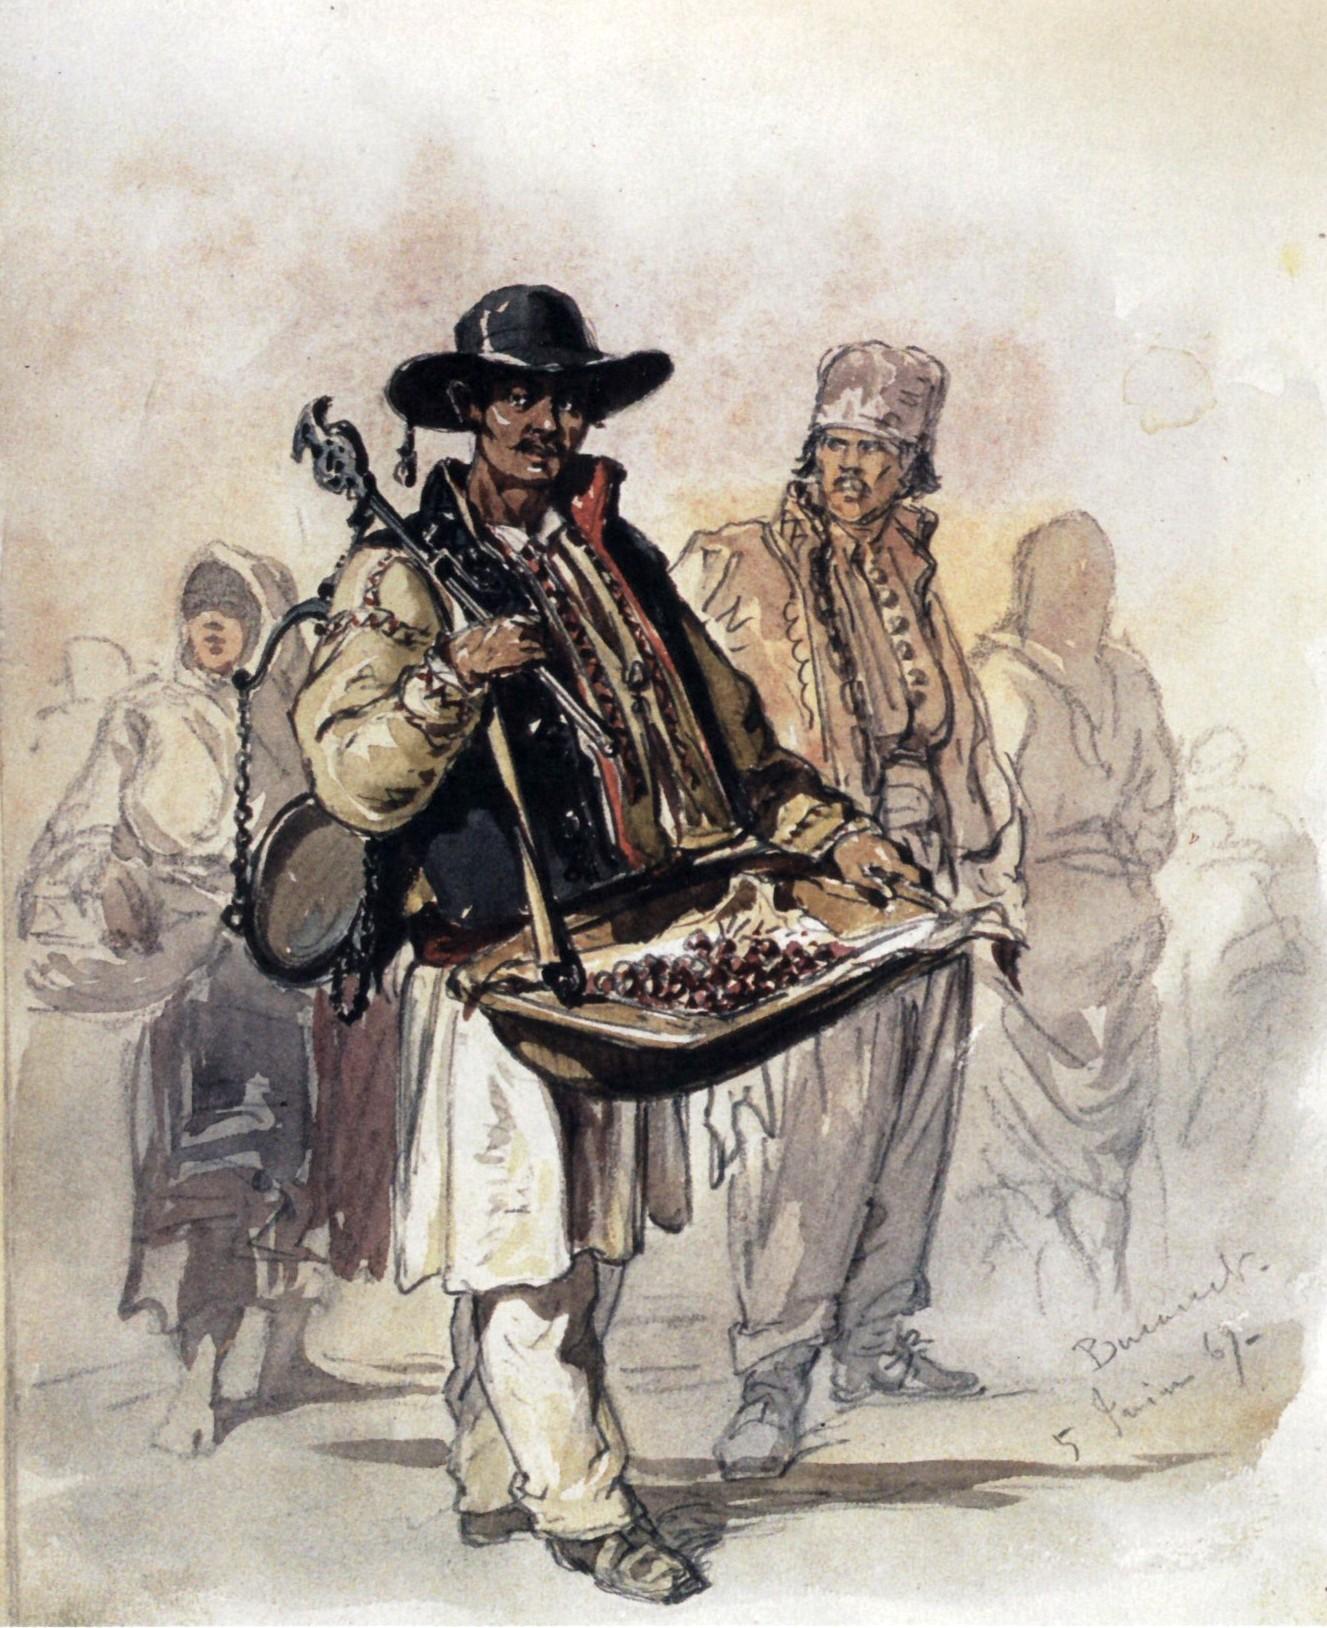 Cherry peddler in Bucharest, around 1869.